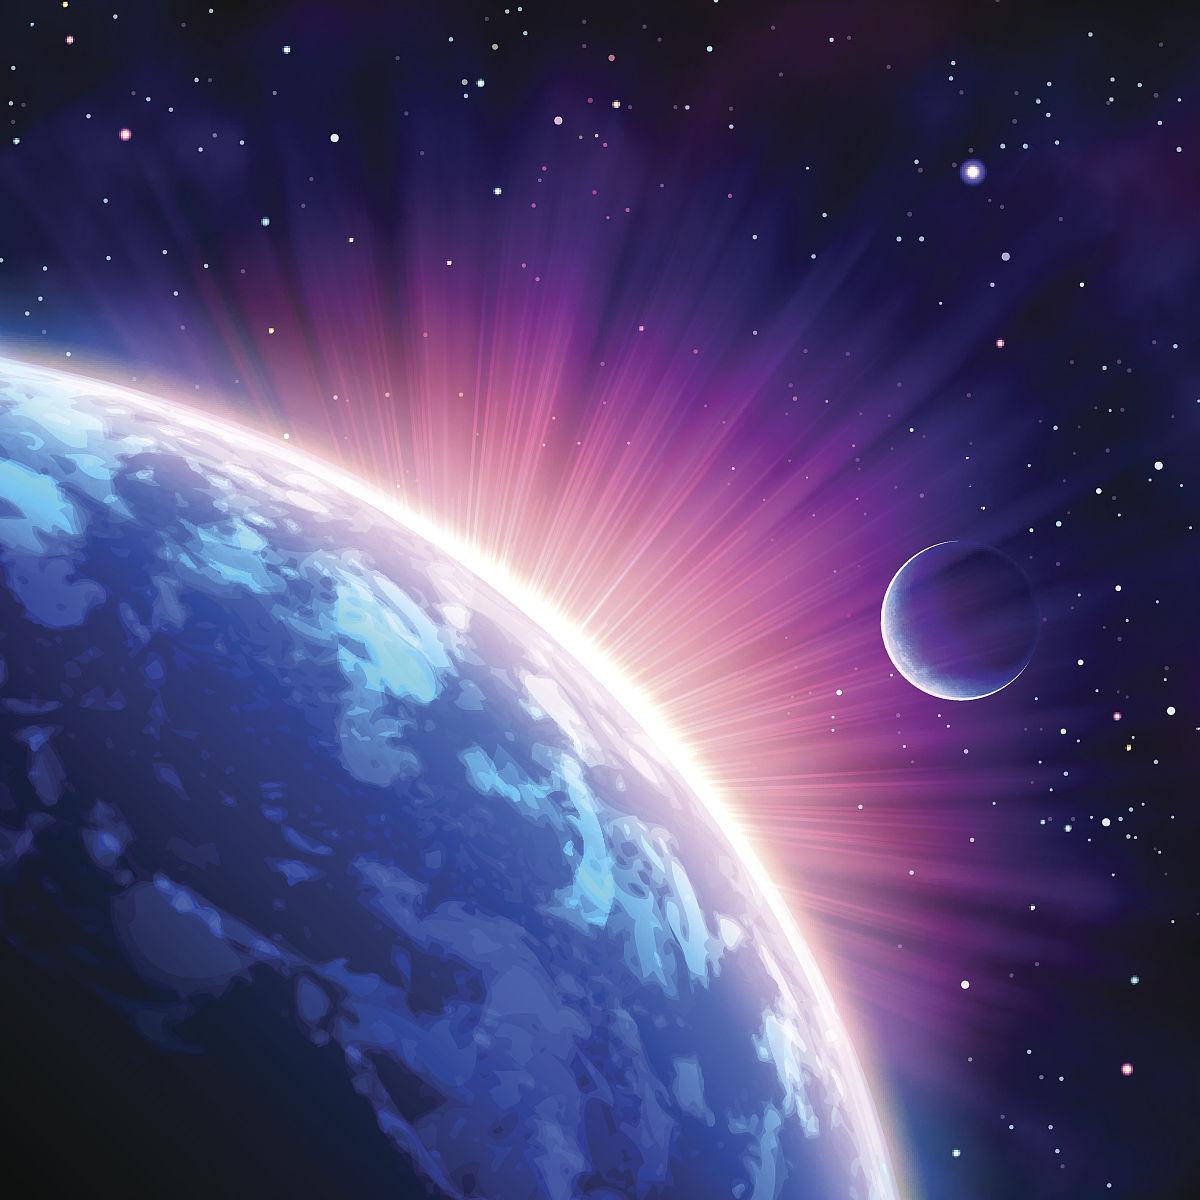 光�9aby�%_从卫星上拍摄的太阳光图像